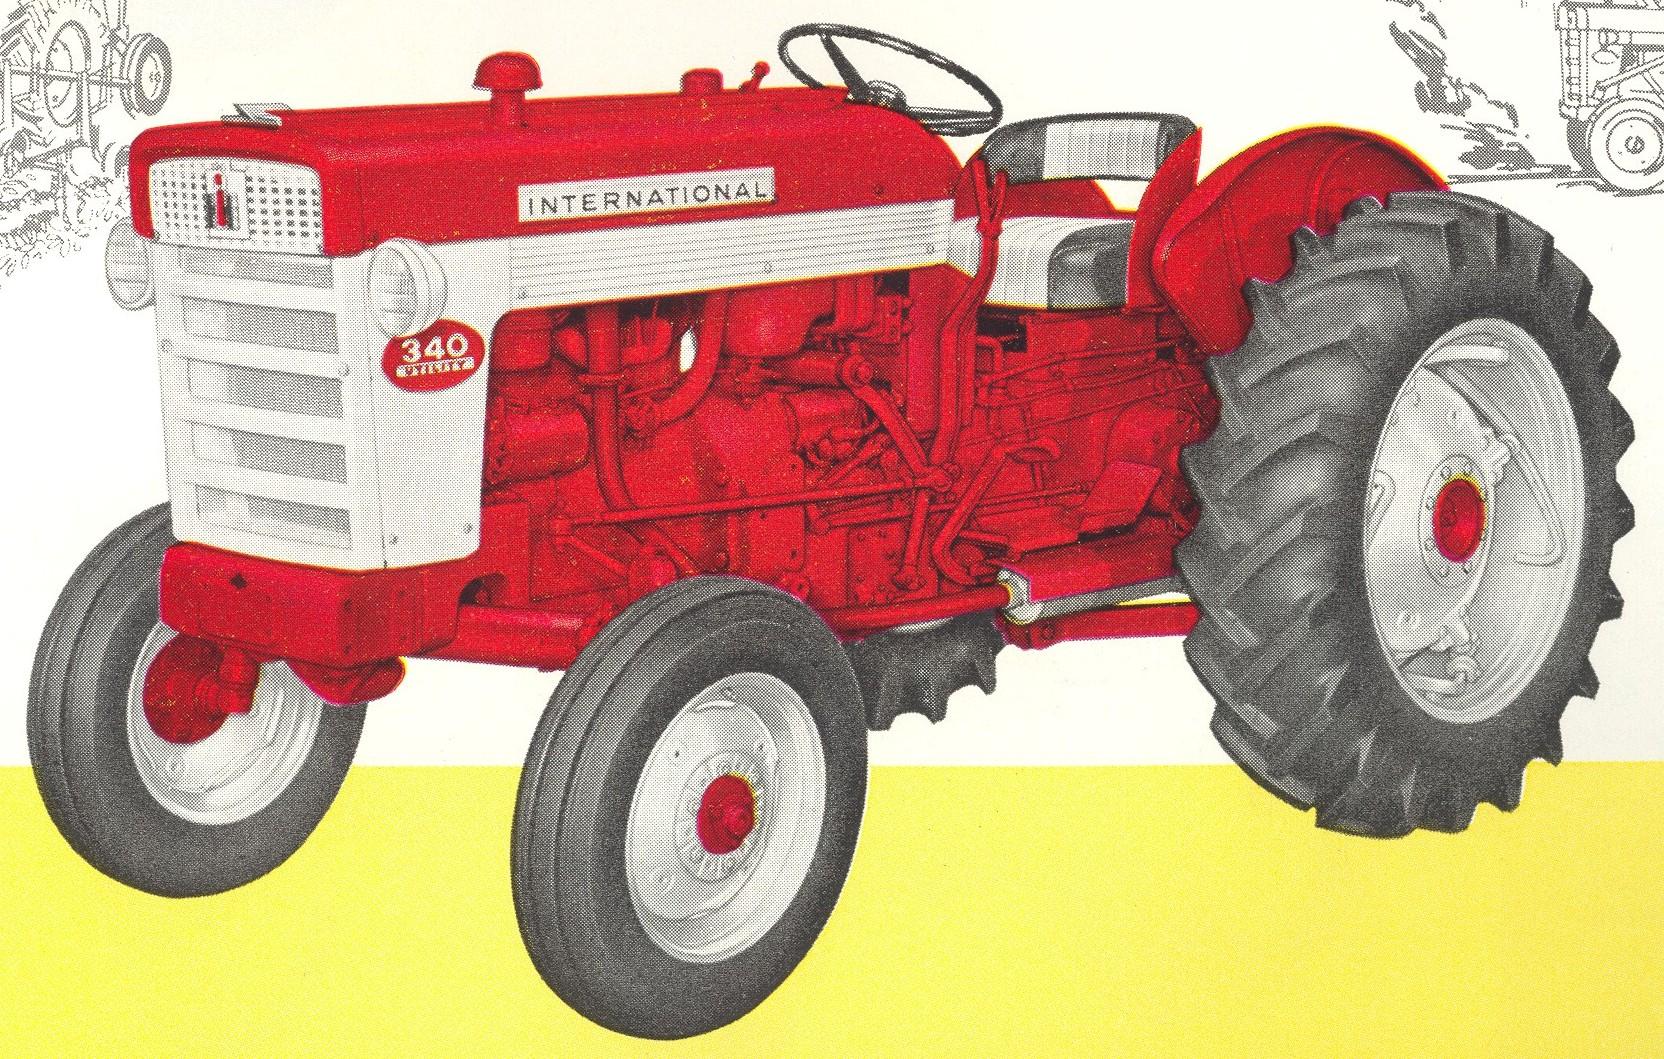 1958 International Tractor : International tractor construction plant wiki